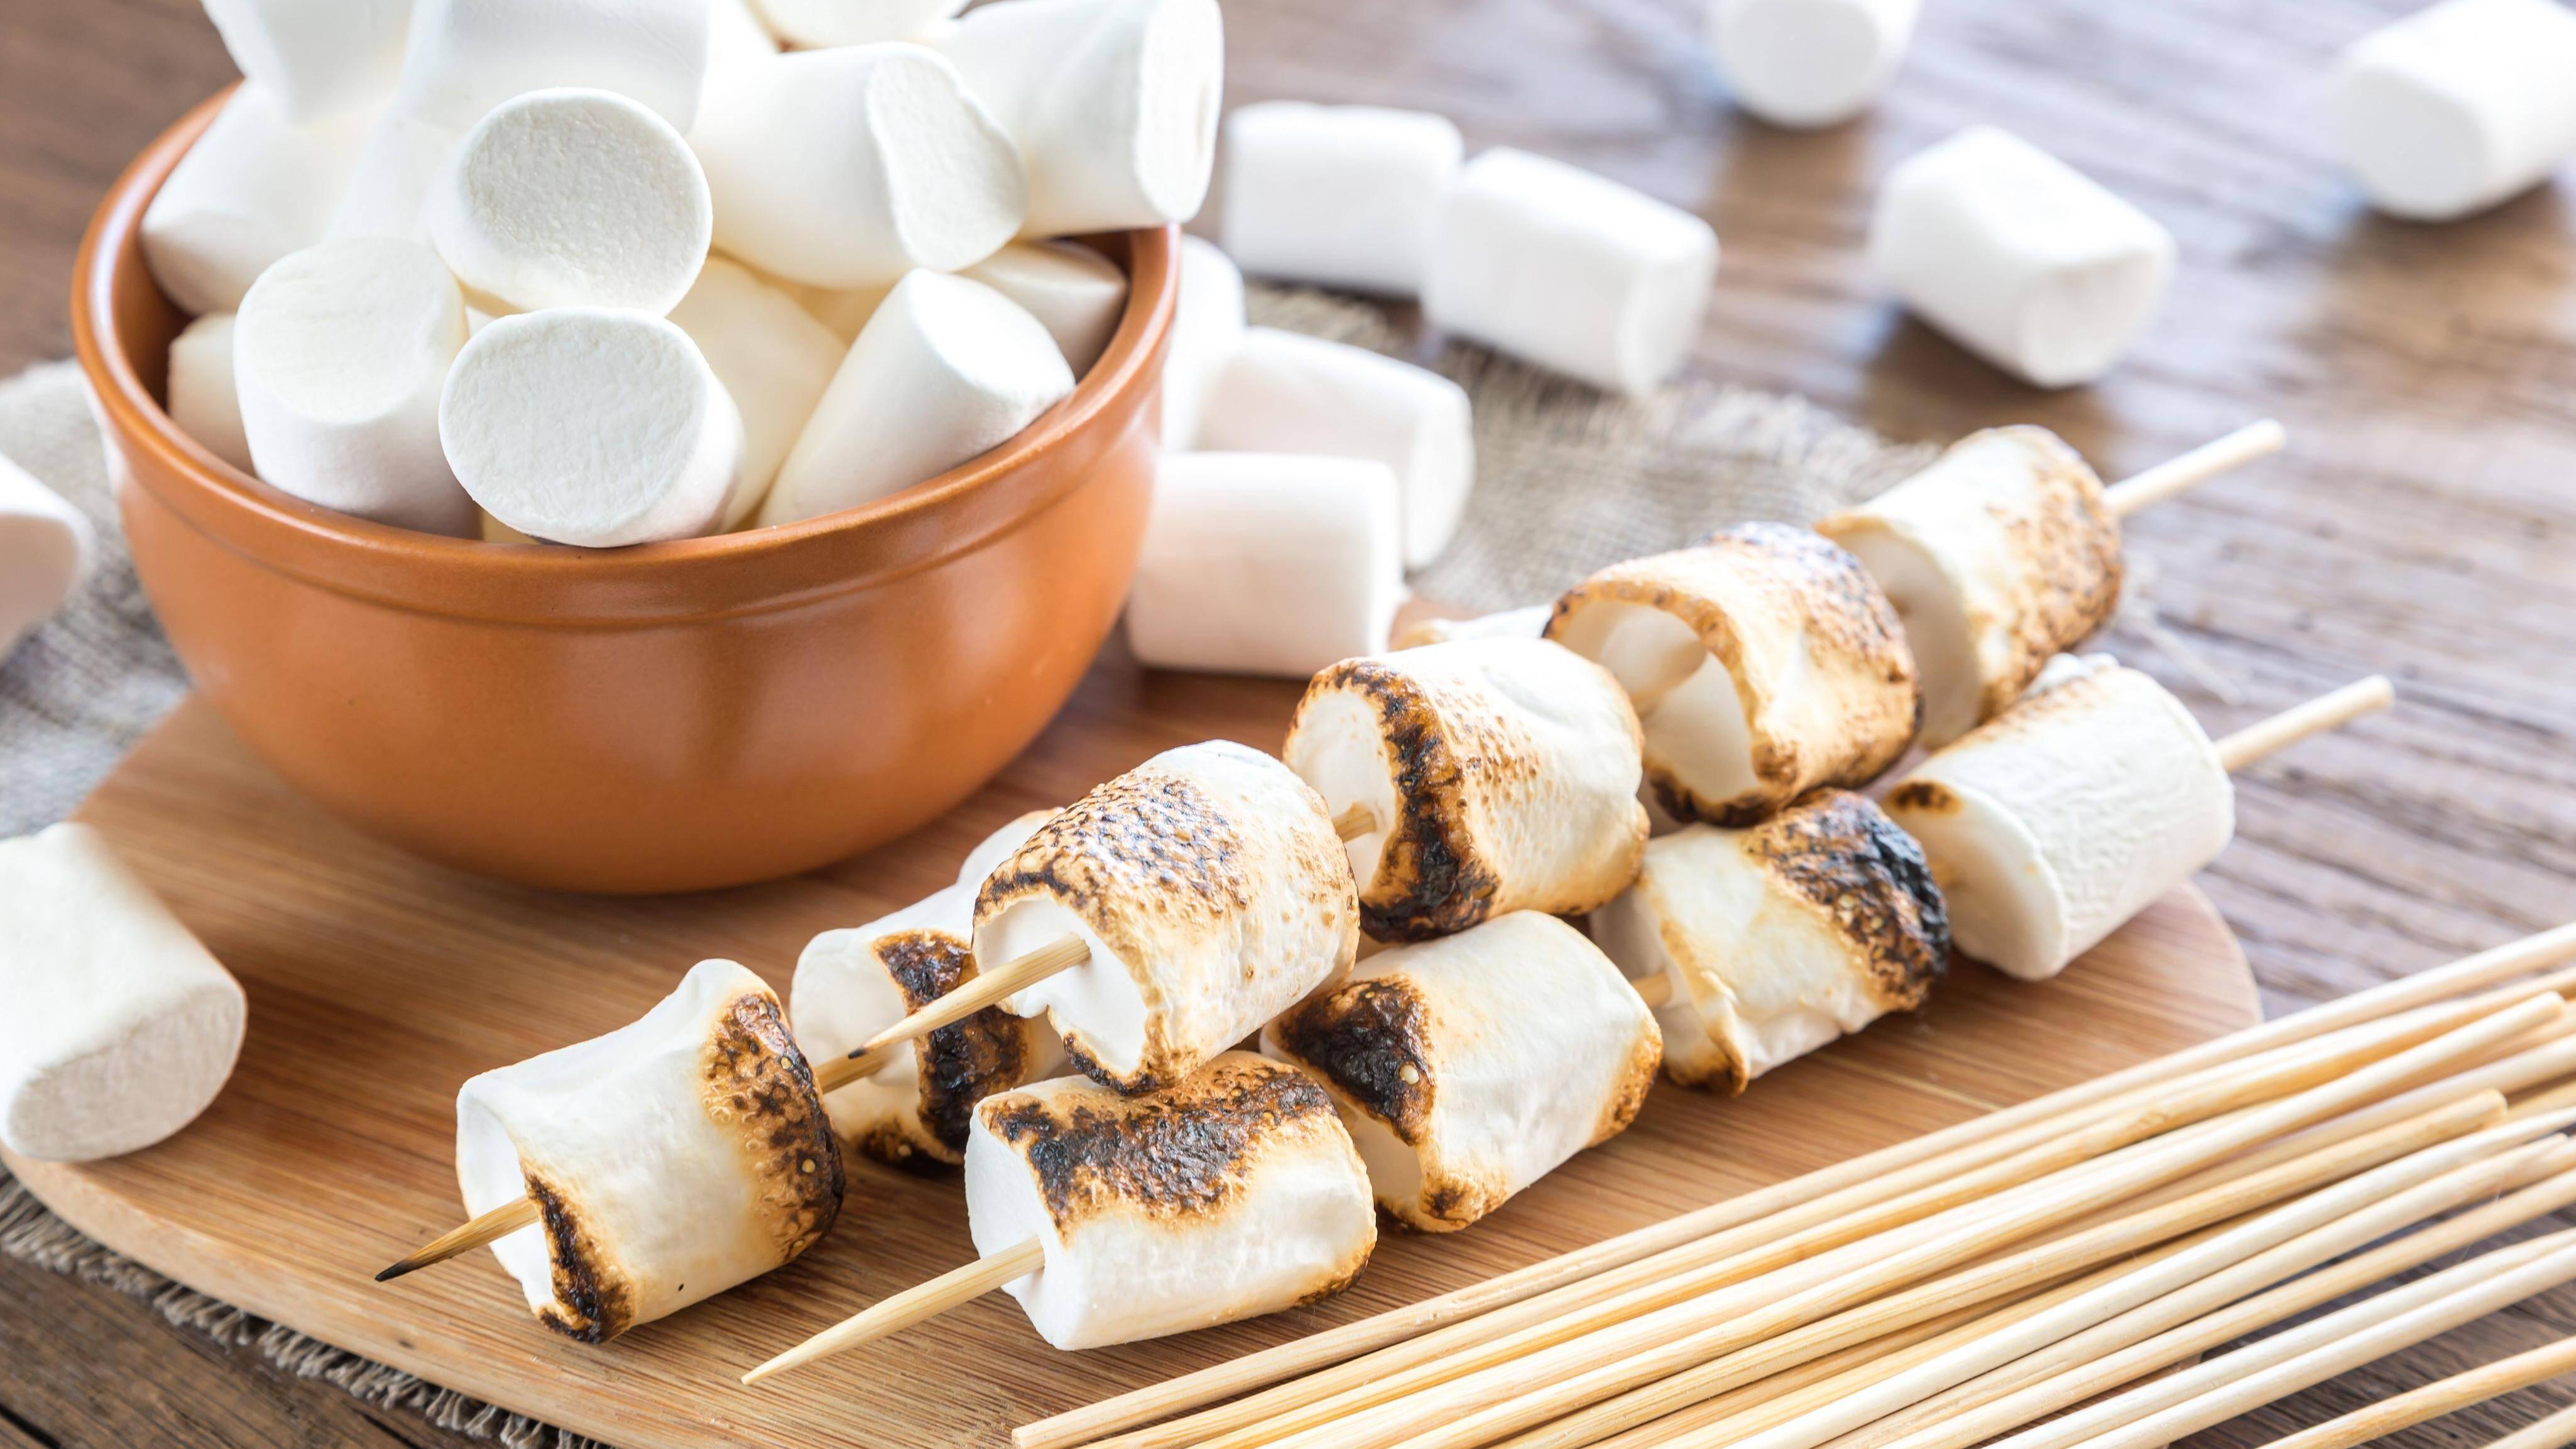 Auf einem normalen Grill lassen sich mehrere Marshmellows gleichzeitig rösten.